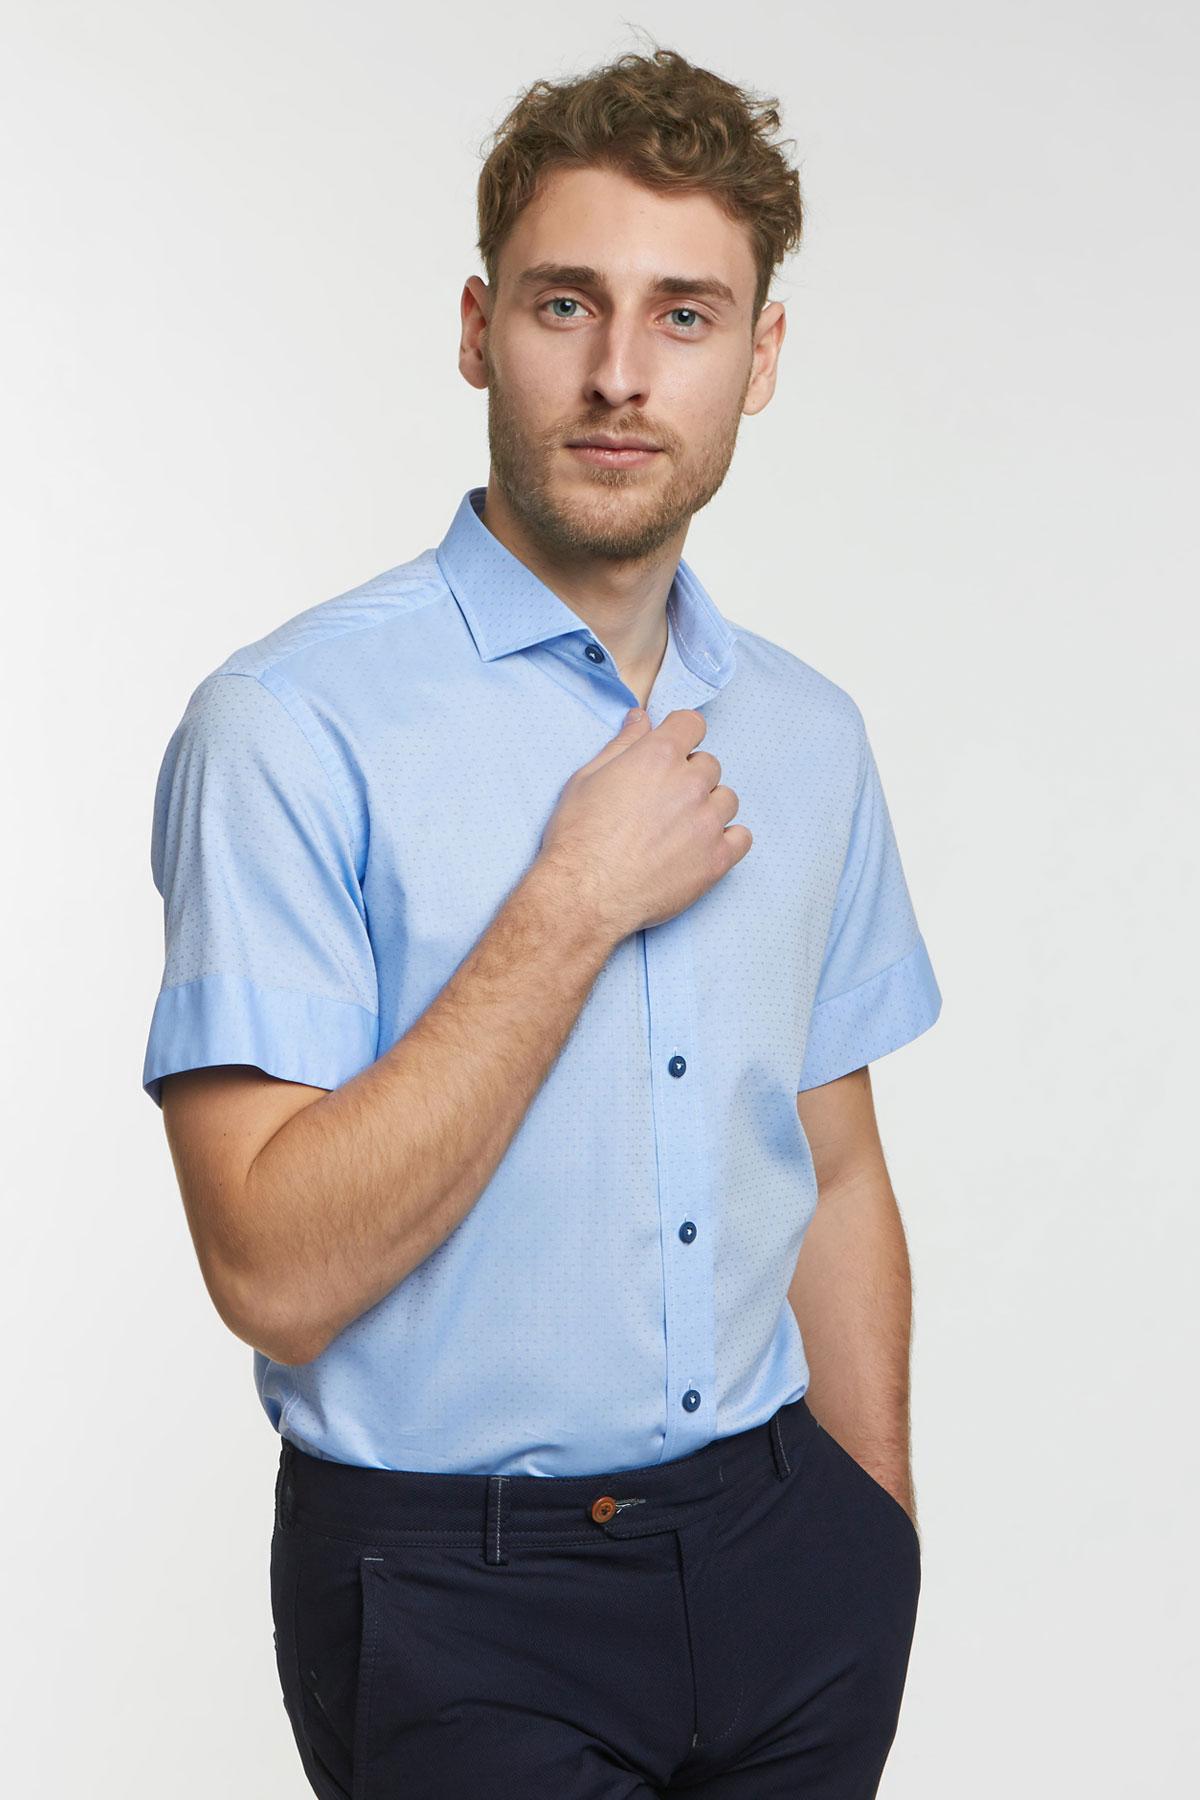 Рубашка структурная голубого цвета 18131k